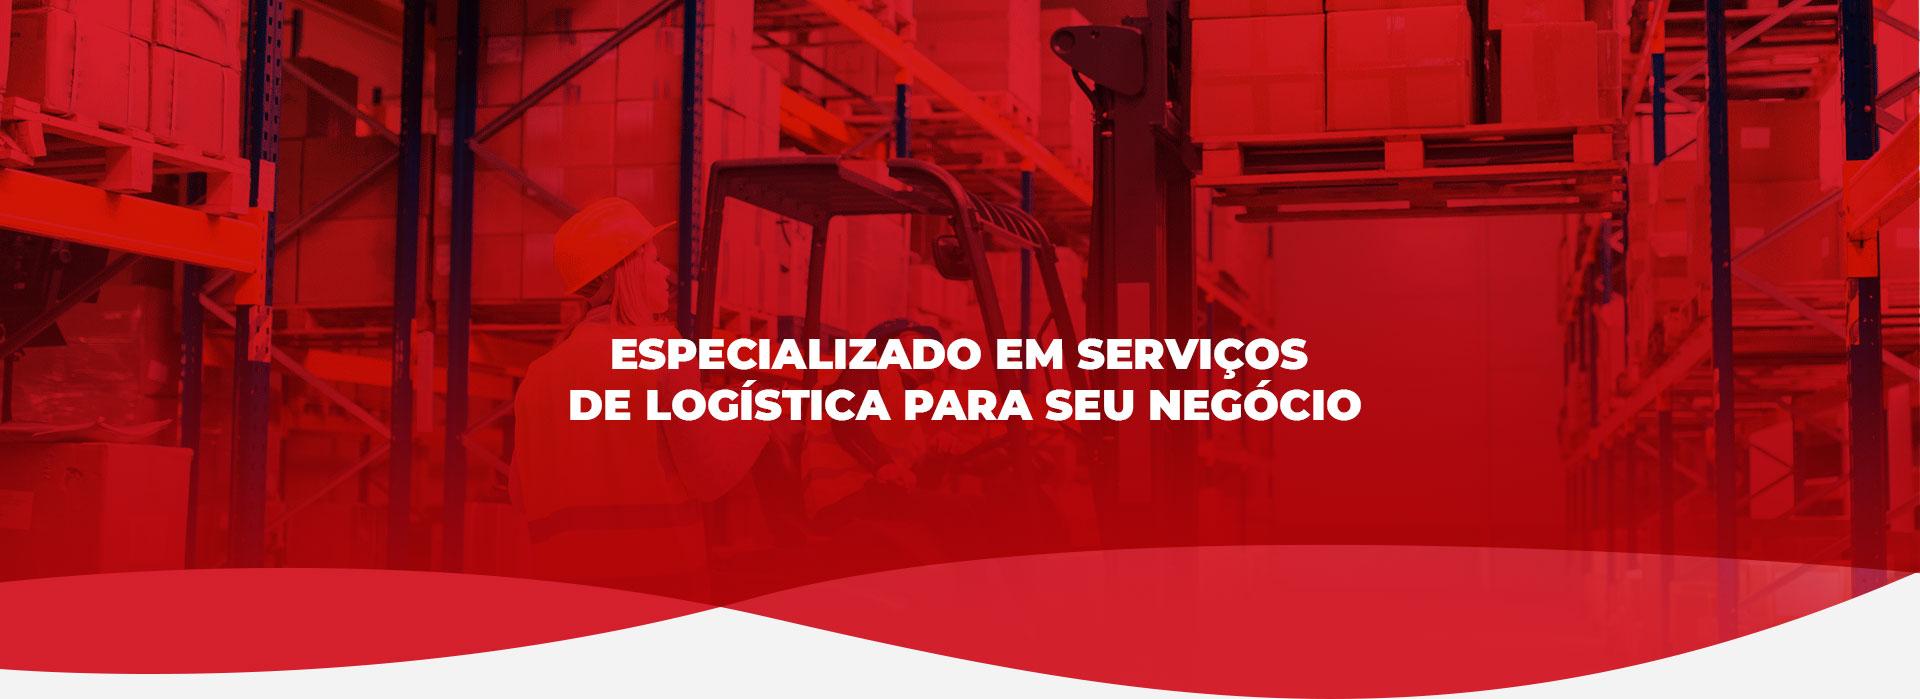 Especializado em serviços  de logística para  seu negócio